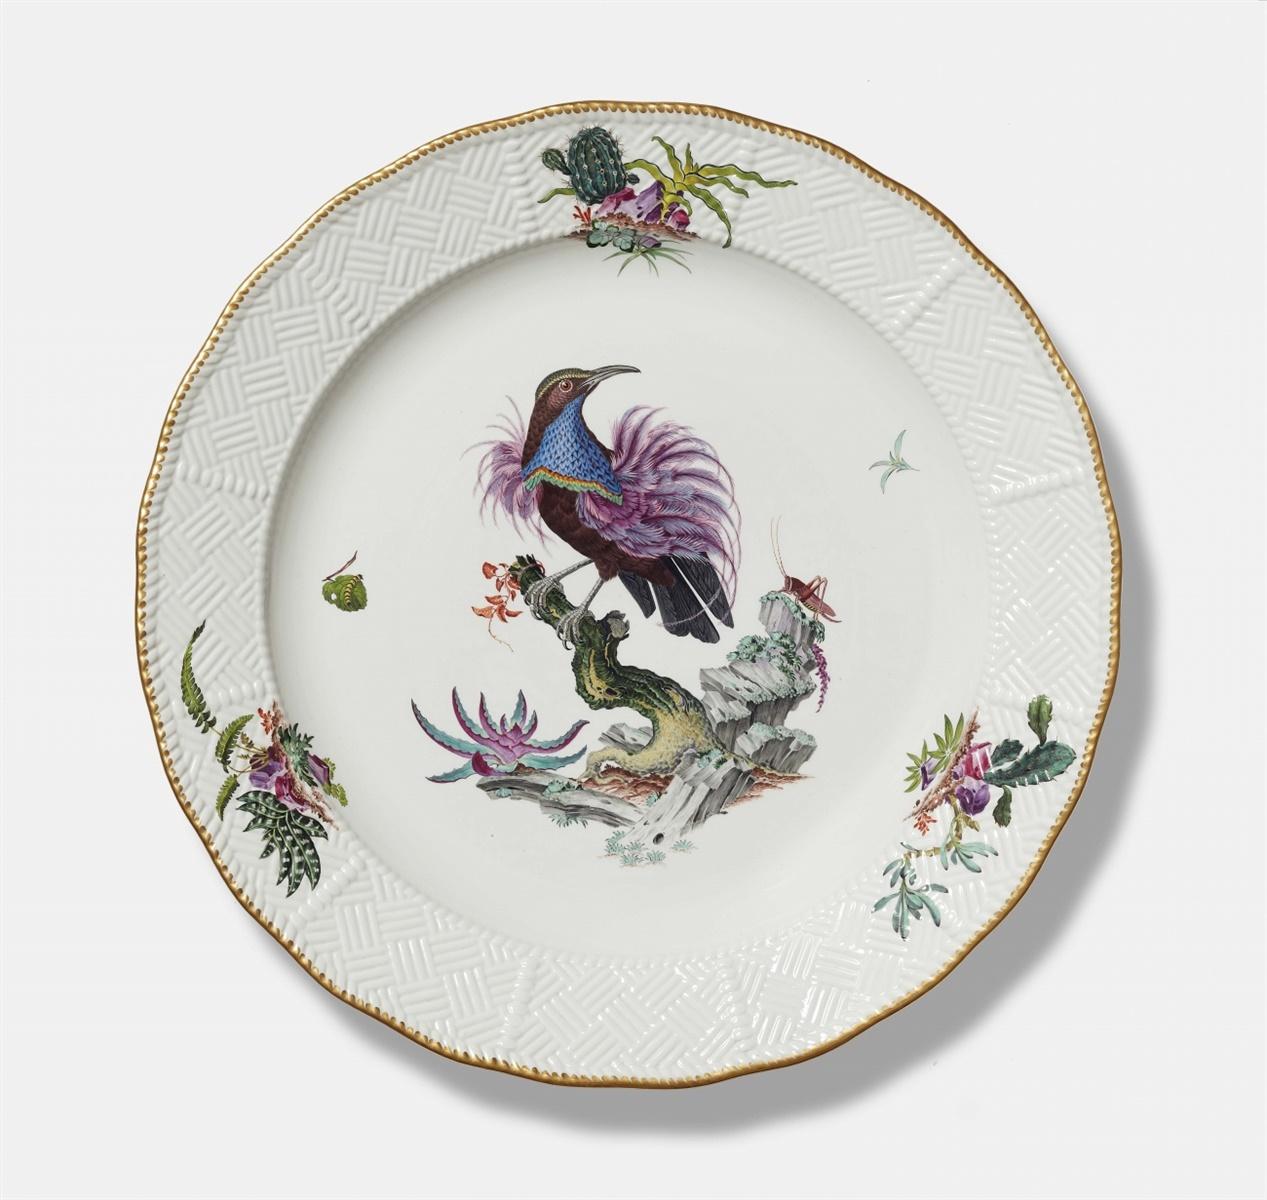 Lot 37 - Große Platte mit ParadiesvogelPorzellan, farbiger Aufglasurdekor, Goldrand. Sulkowski-Ozier.